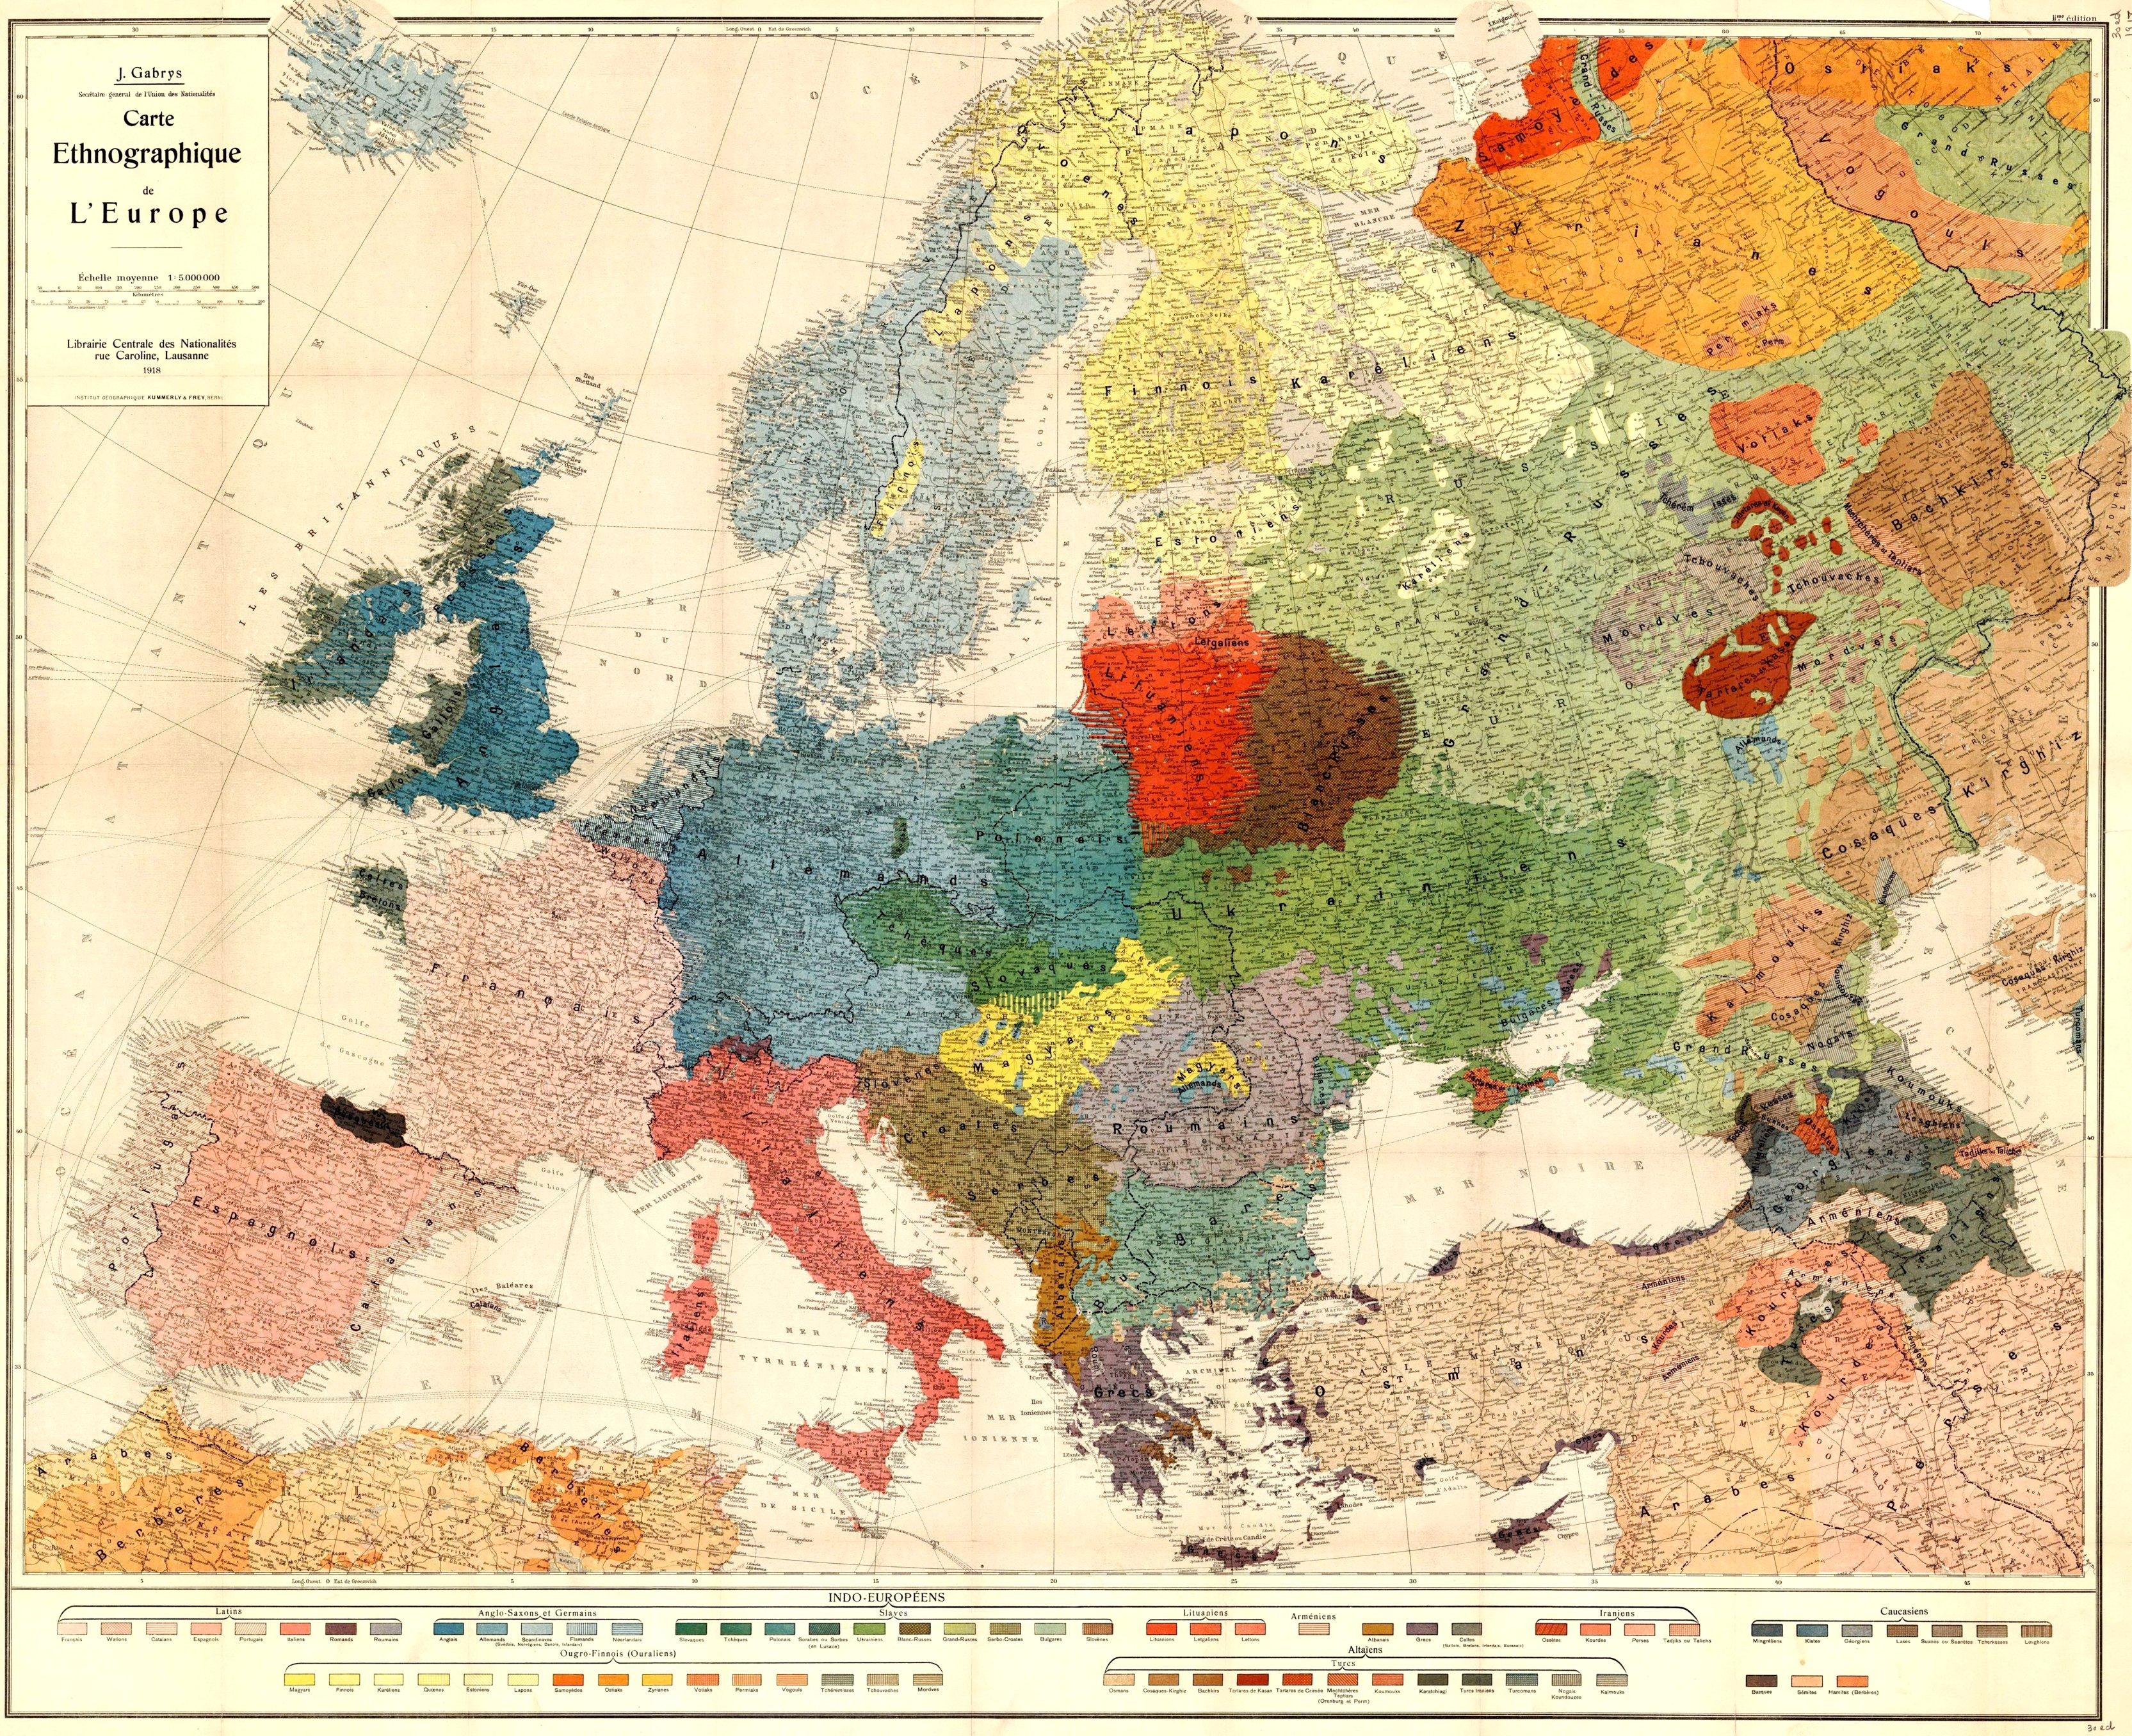 Этнографическая карта Европы 1918 года